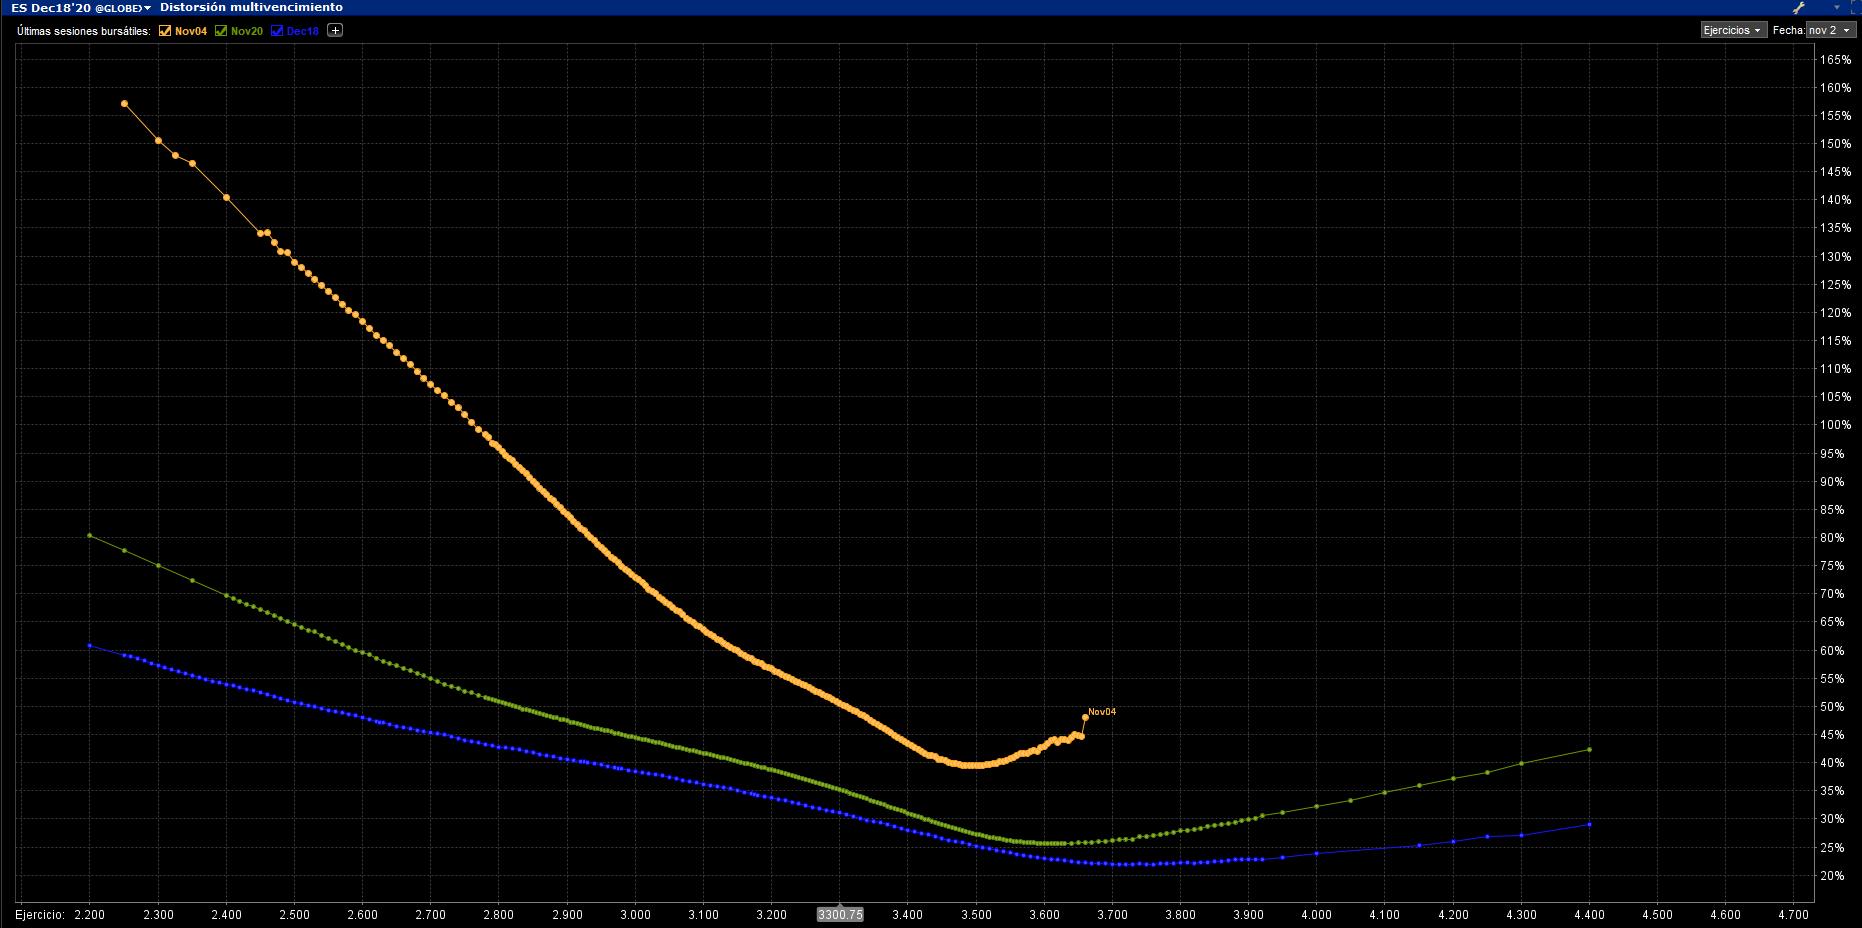 Volatilidad Skew nov dic